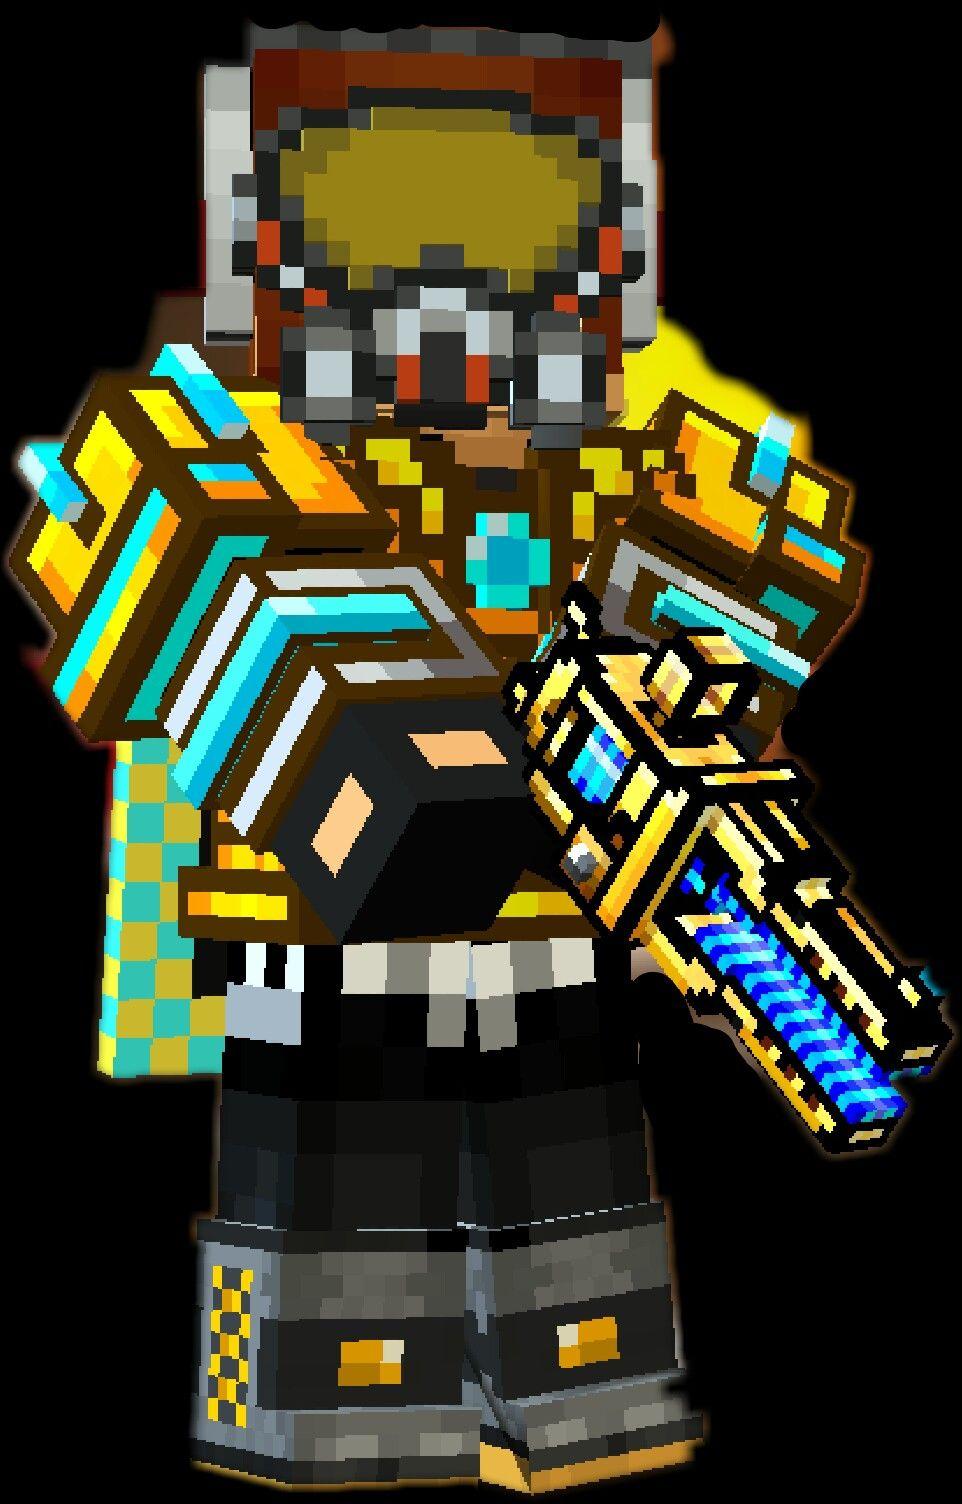 From pixel gun 3d | Sonickid gaming | Pinterest | Guns and 3d